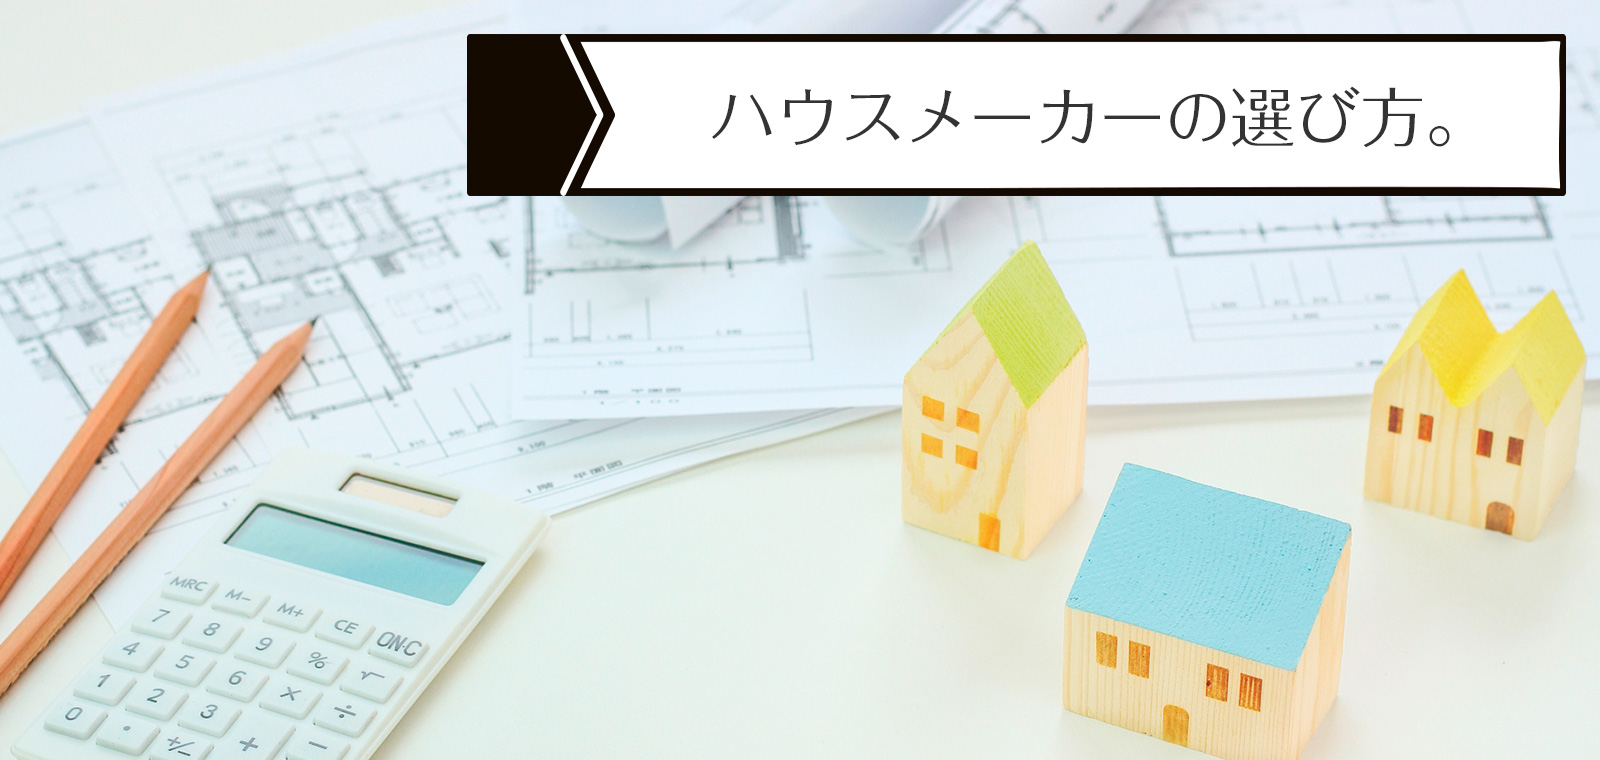 ハウスメーカーの選び方。工法、予算、イチオシ、デザインで絞る。